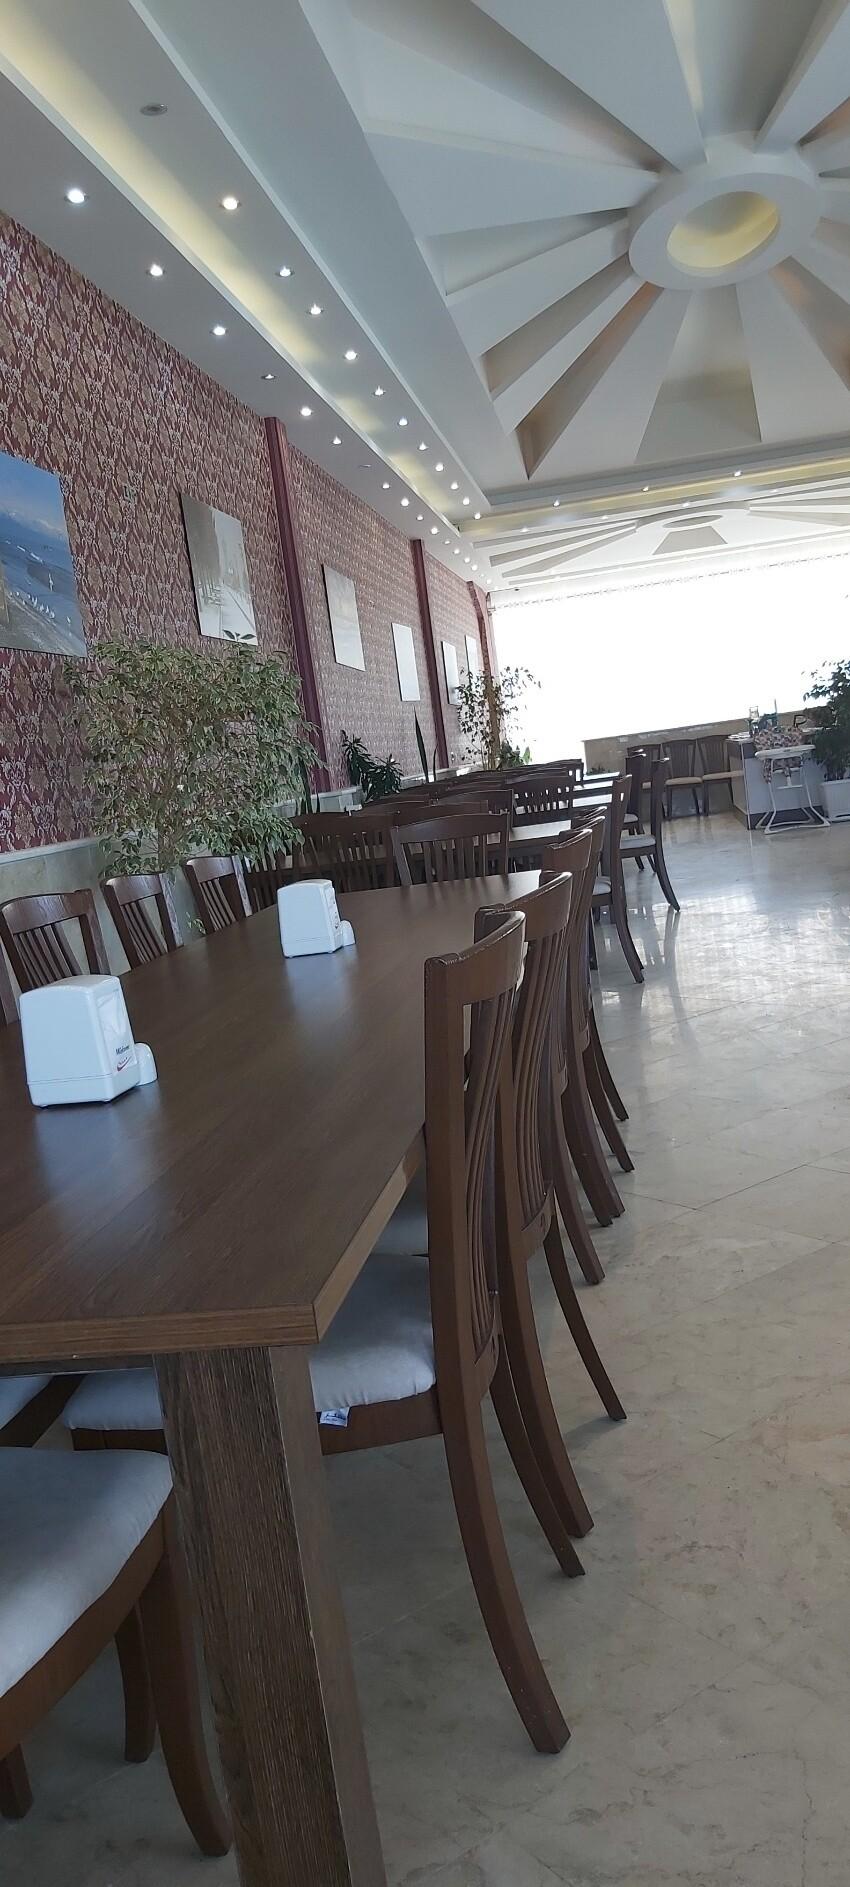 Sadaf Beach Restaurant (2).jpeg